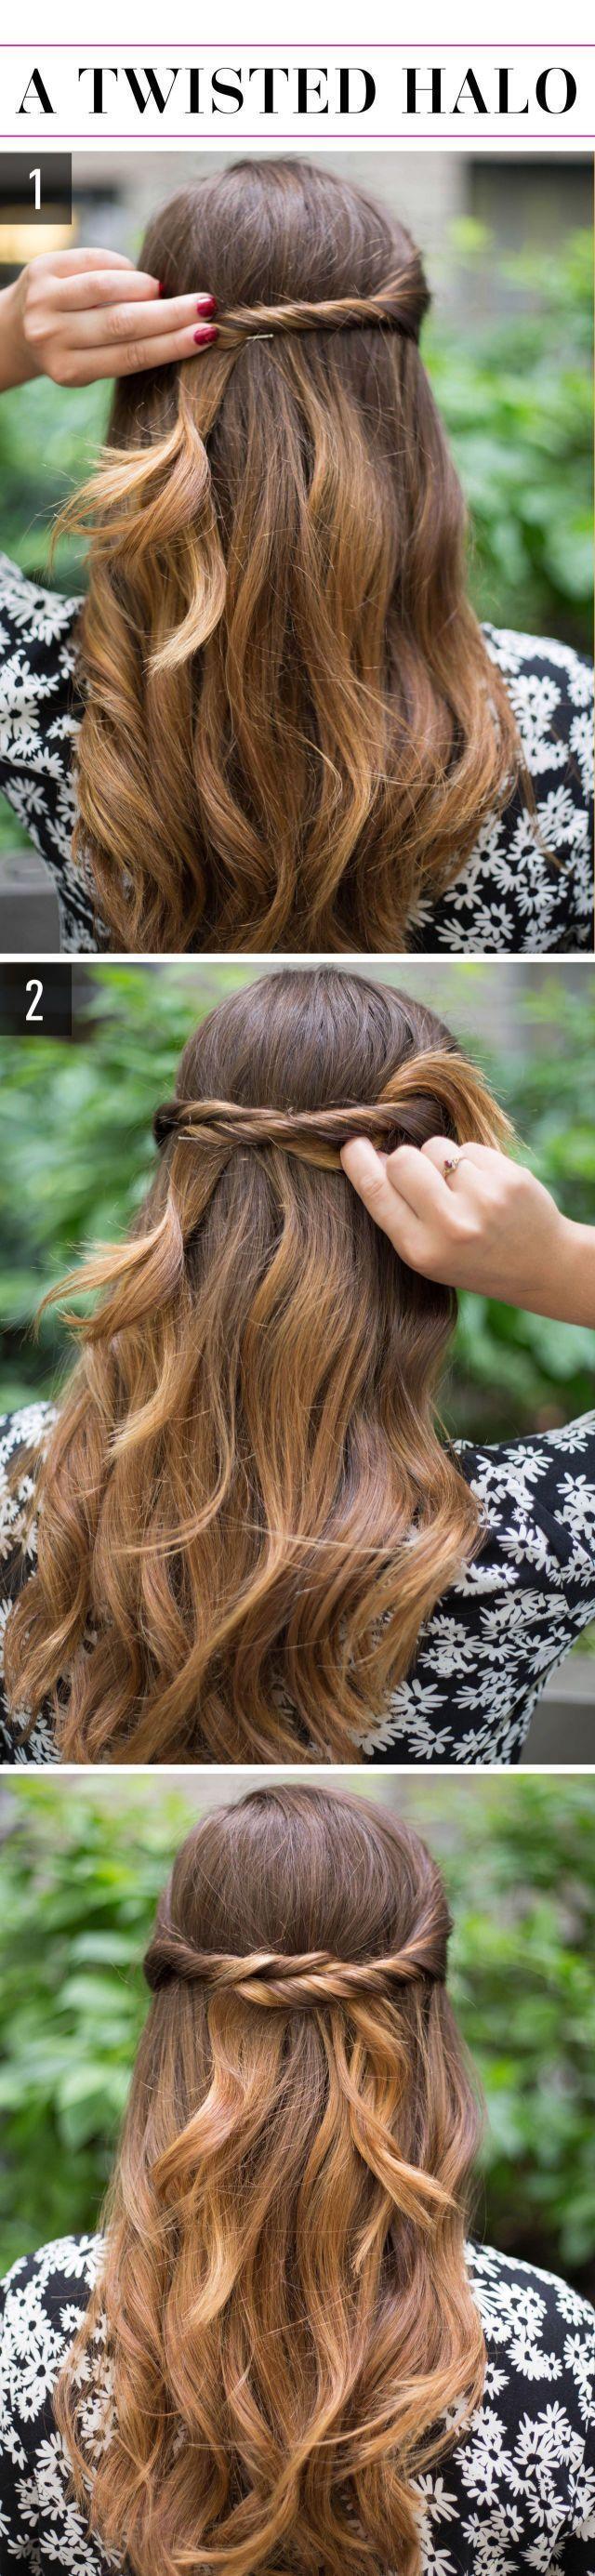 15 peinados súper fáciles para chicas perezosas que ni siquiera pueden